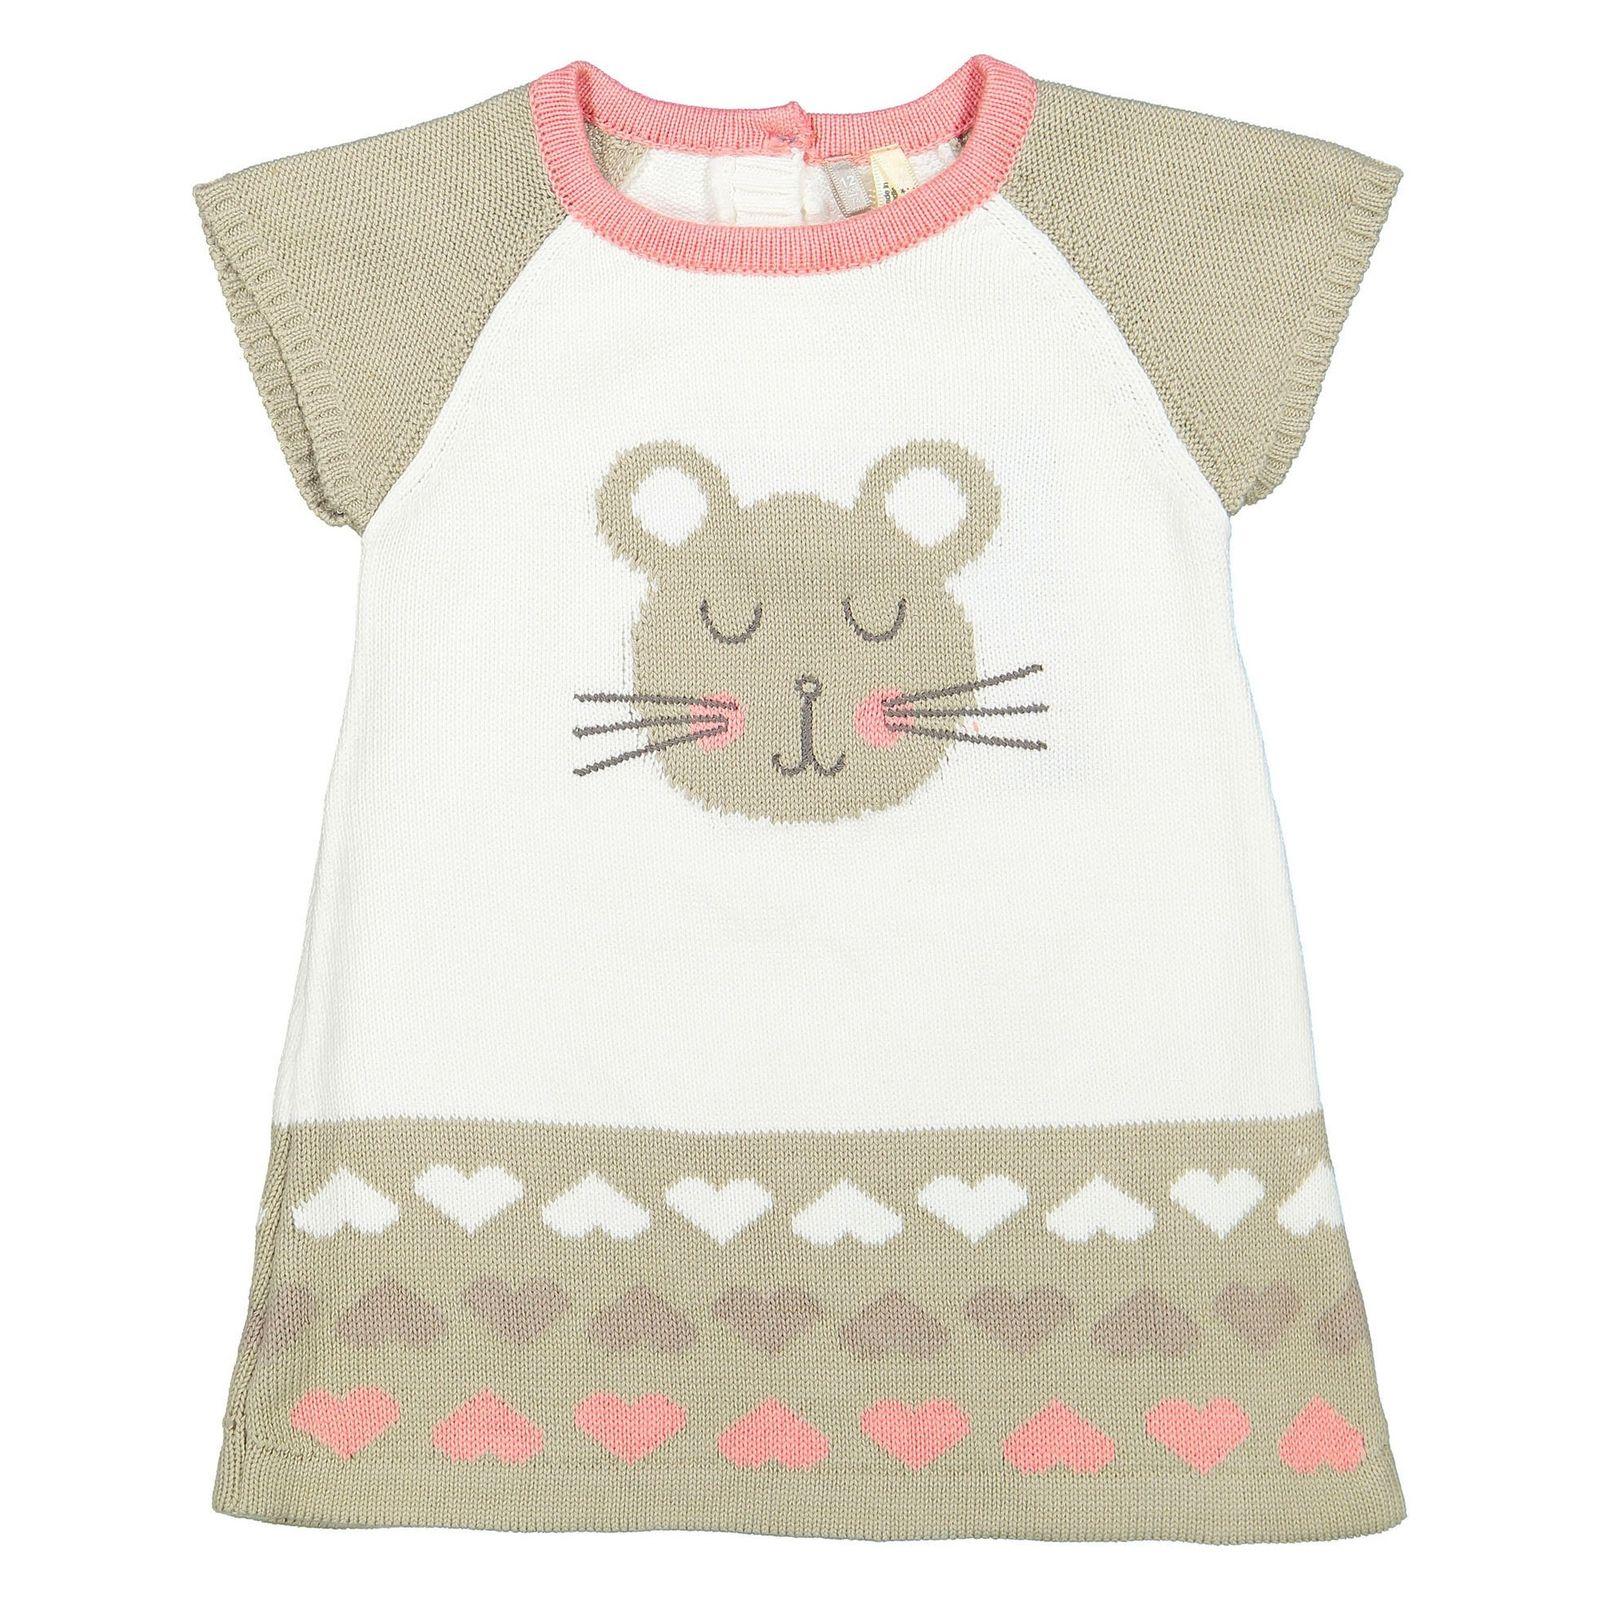 پیراهن بافت آستین کوتاه نوزادی دخترانه - ارکسترا - سفيد - 1